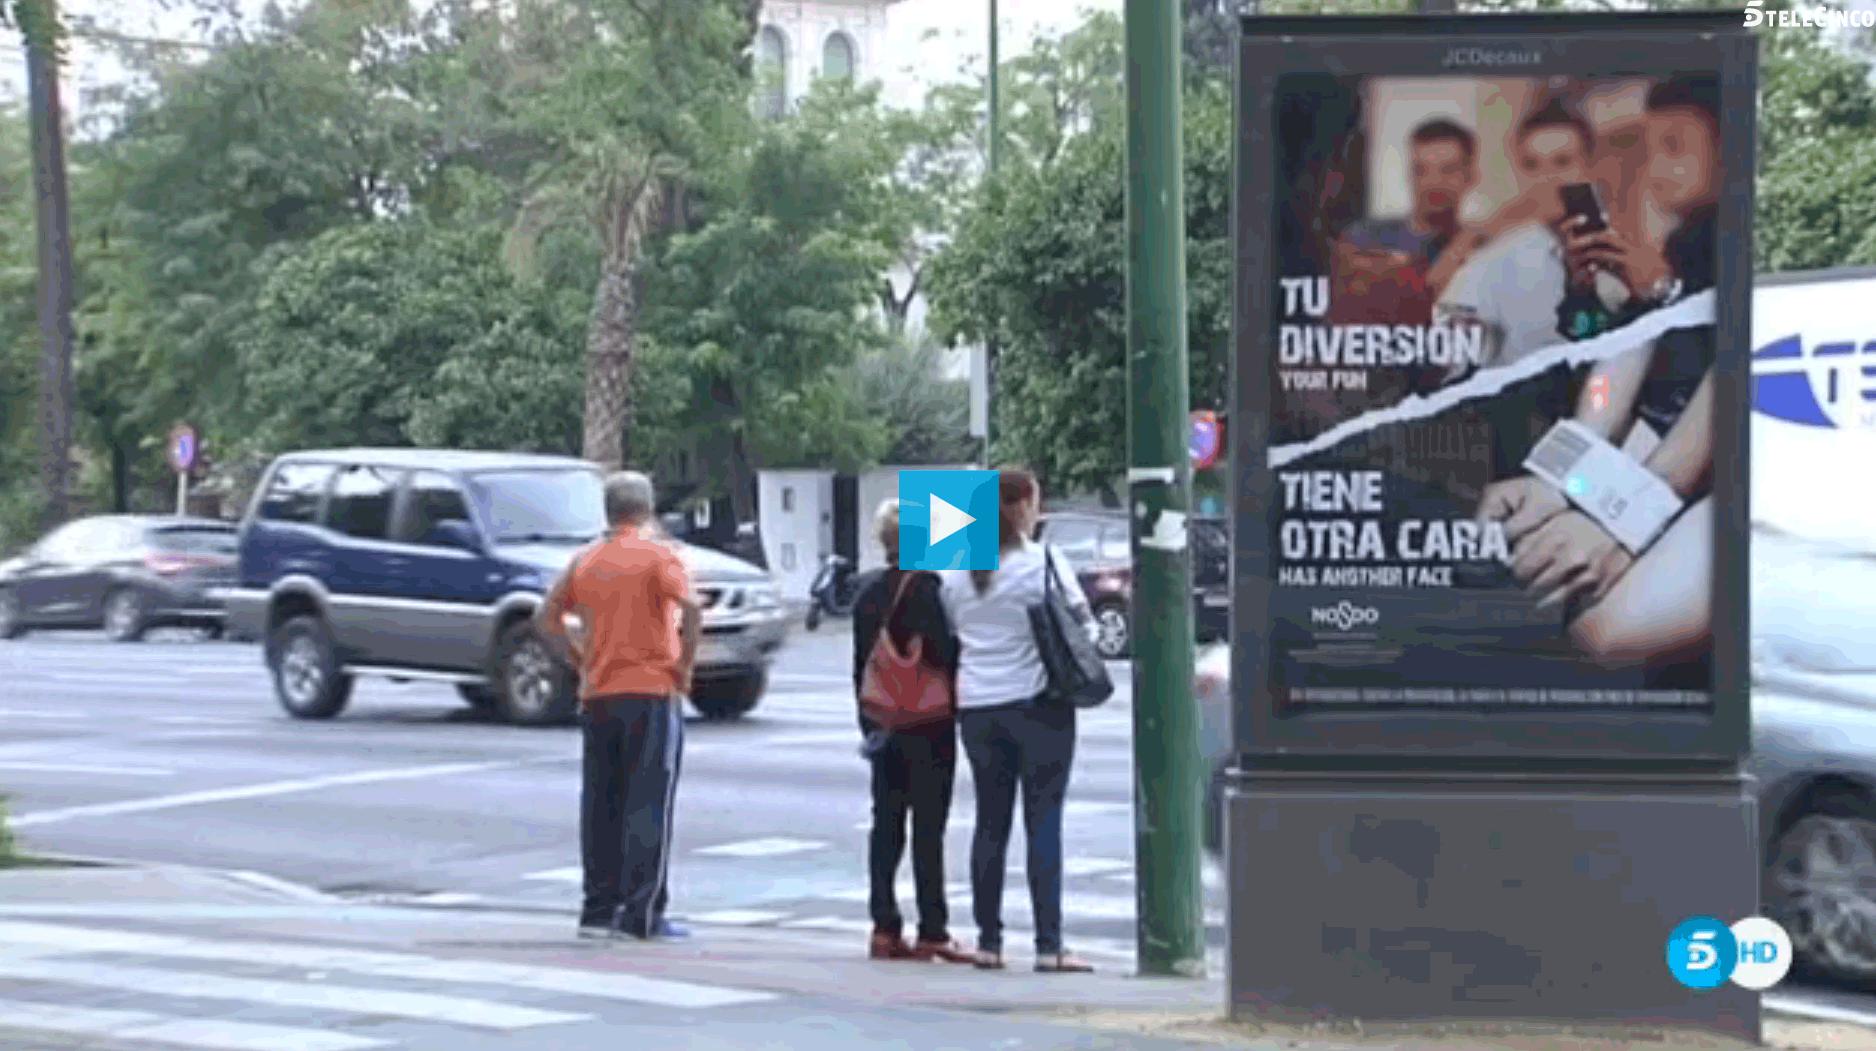 tu_diversion_tiene_otra_cara_campaña-4